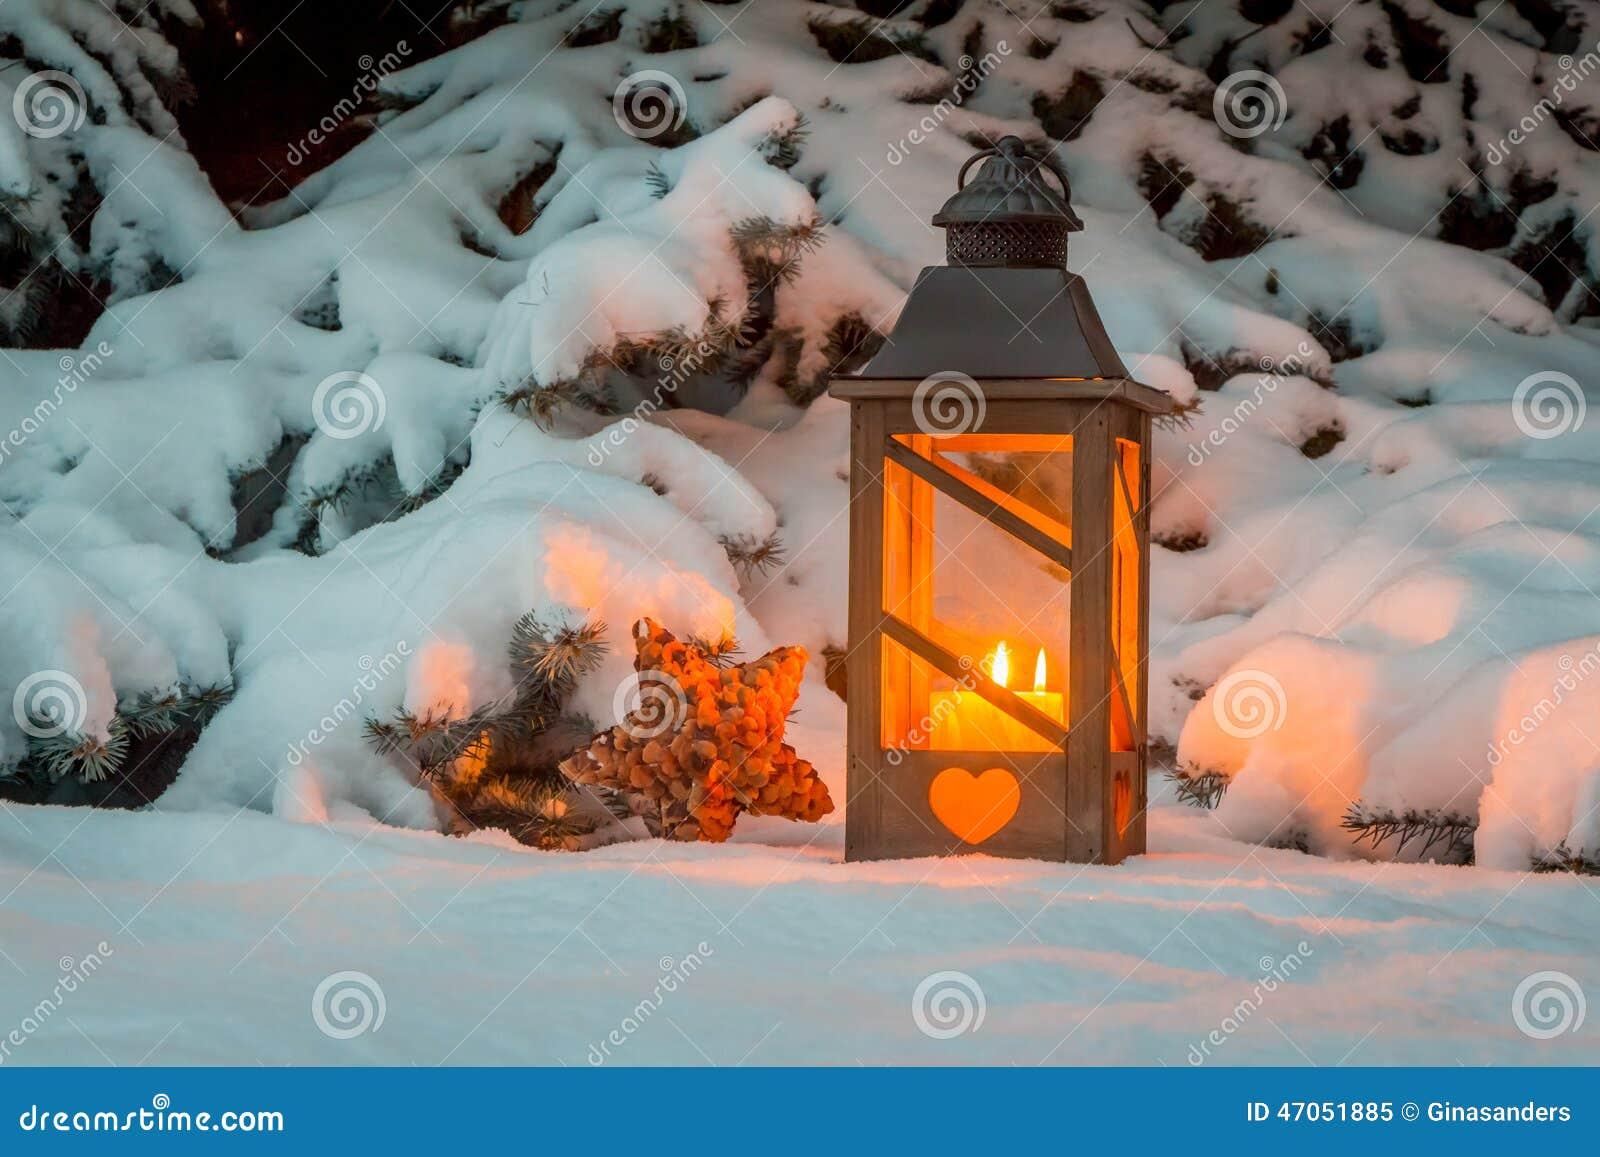 Laterne Im Schnee Am Weihnachten Stockbild - Bild von abend ...